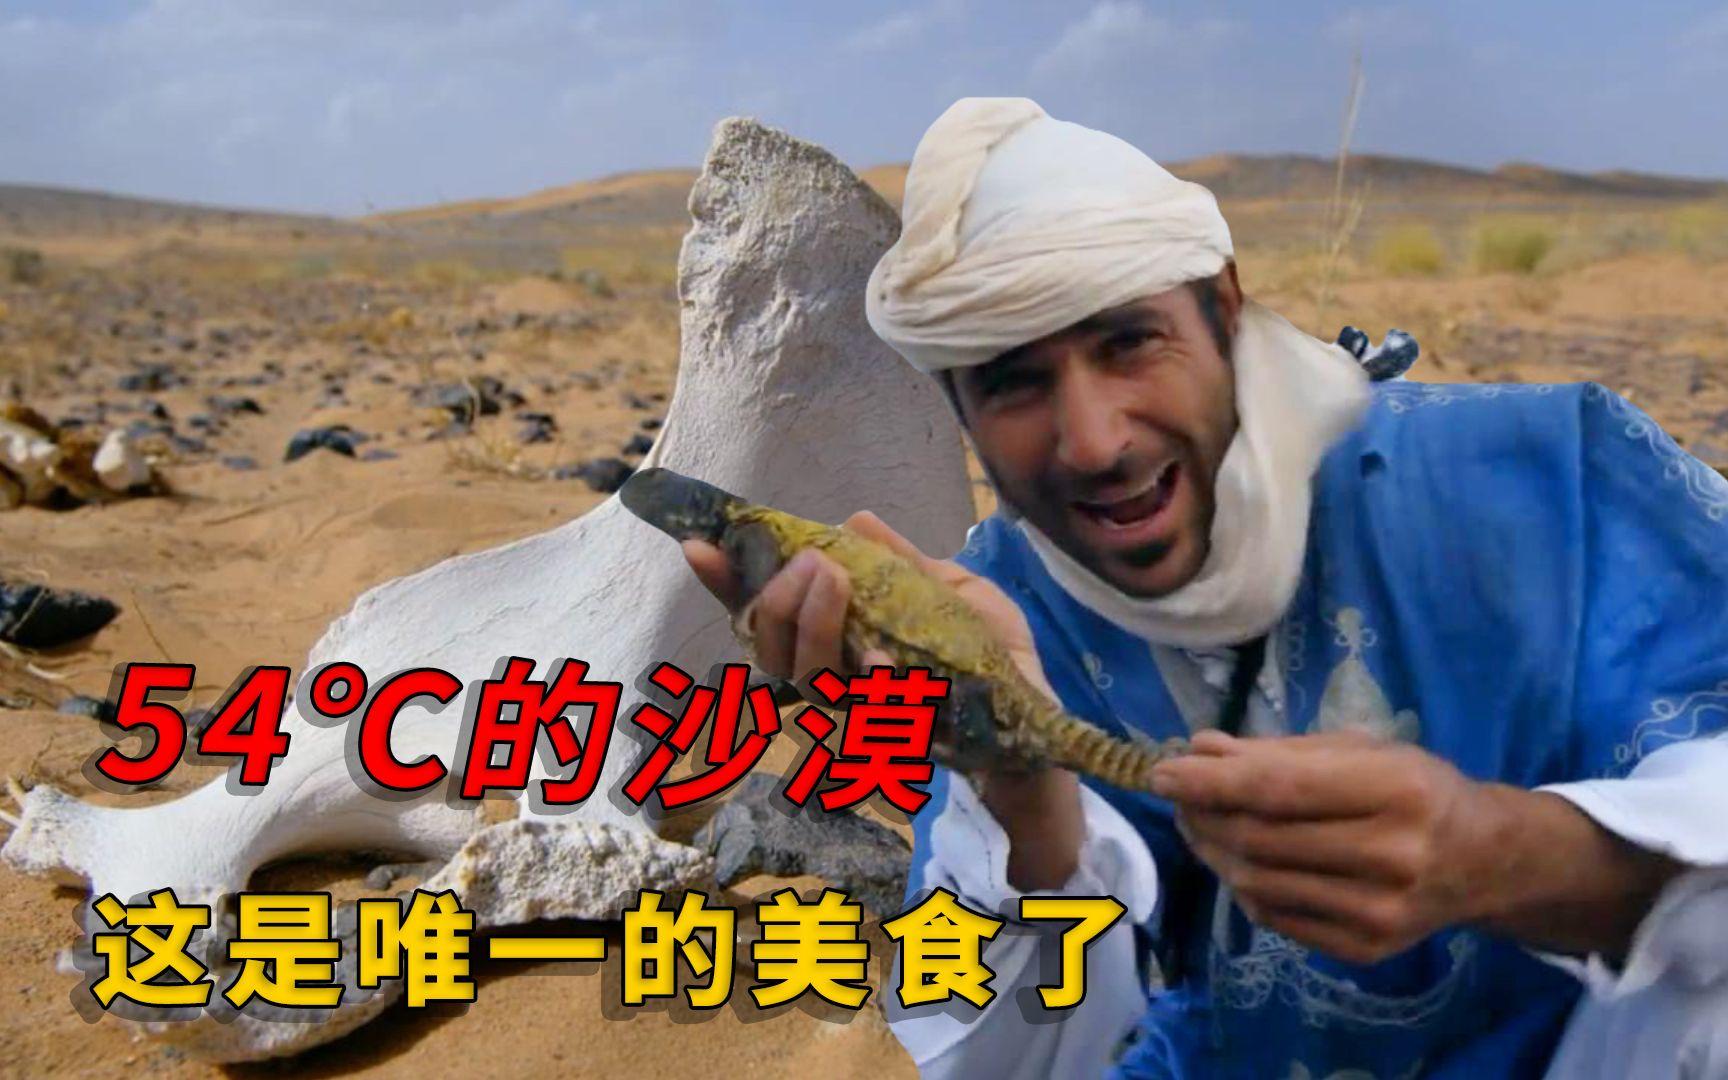 男子沙漠里生存5天,甲壳虫吃到想吐,能抓只蜥蜴简直开心得跳起